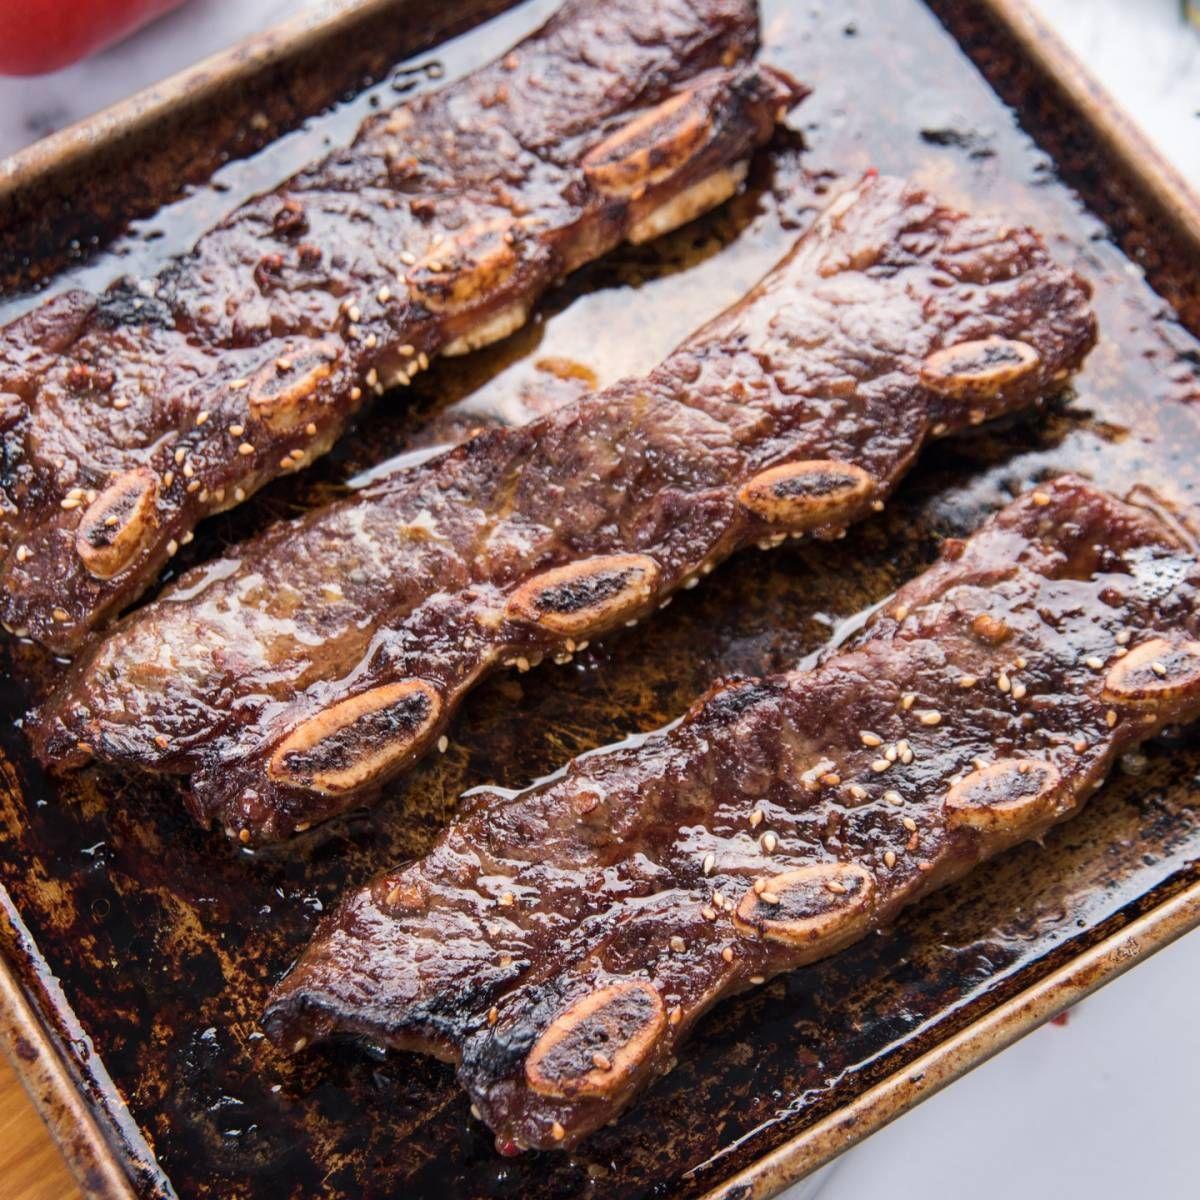 Last Minute Miami Ribs Recipe Recipe Beef Short Rib Recipes Rib Recipes Short Rib Recipes Oven